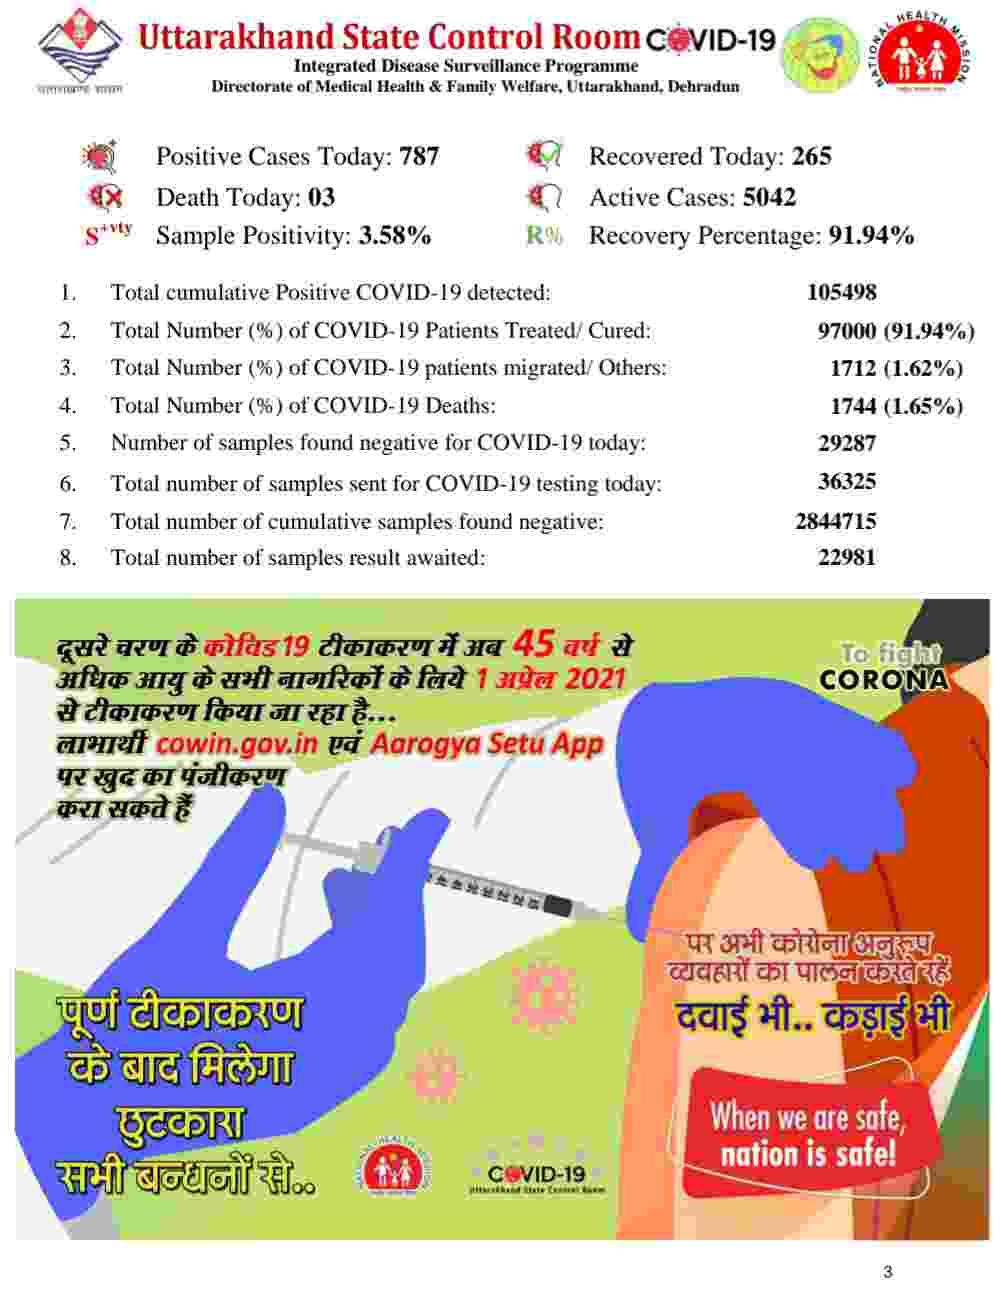 कोरोना बुलेटिन: उत्तराखंड में 787 नए कोविड-19 मरीज़, 3 लोगों की मौत, देहरादून में 22 कंटेनमेंट जोन 4